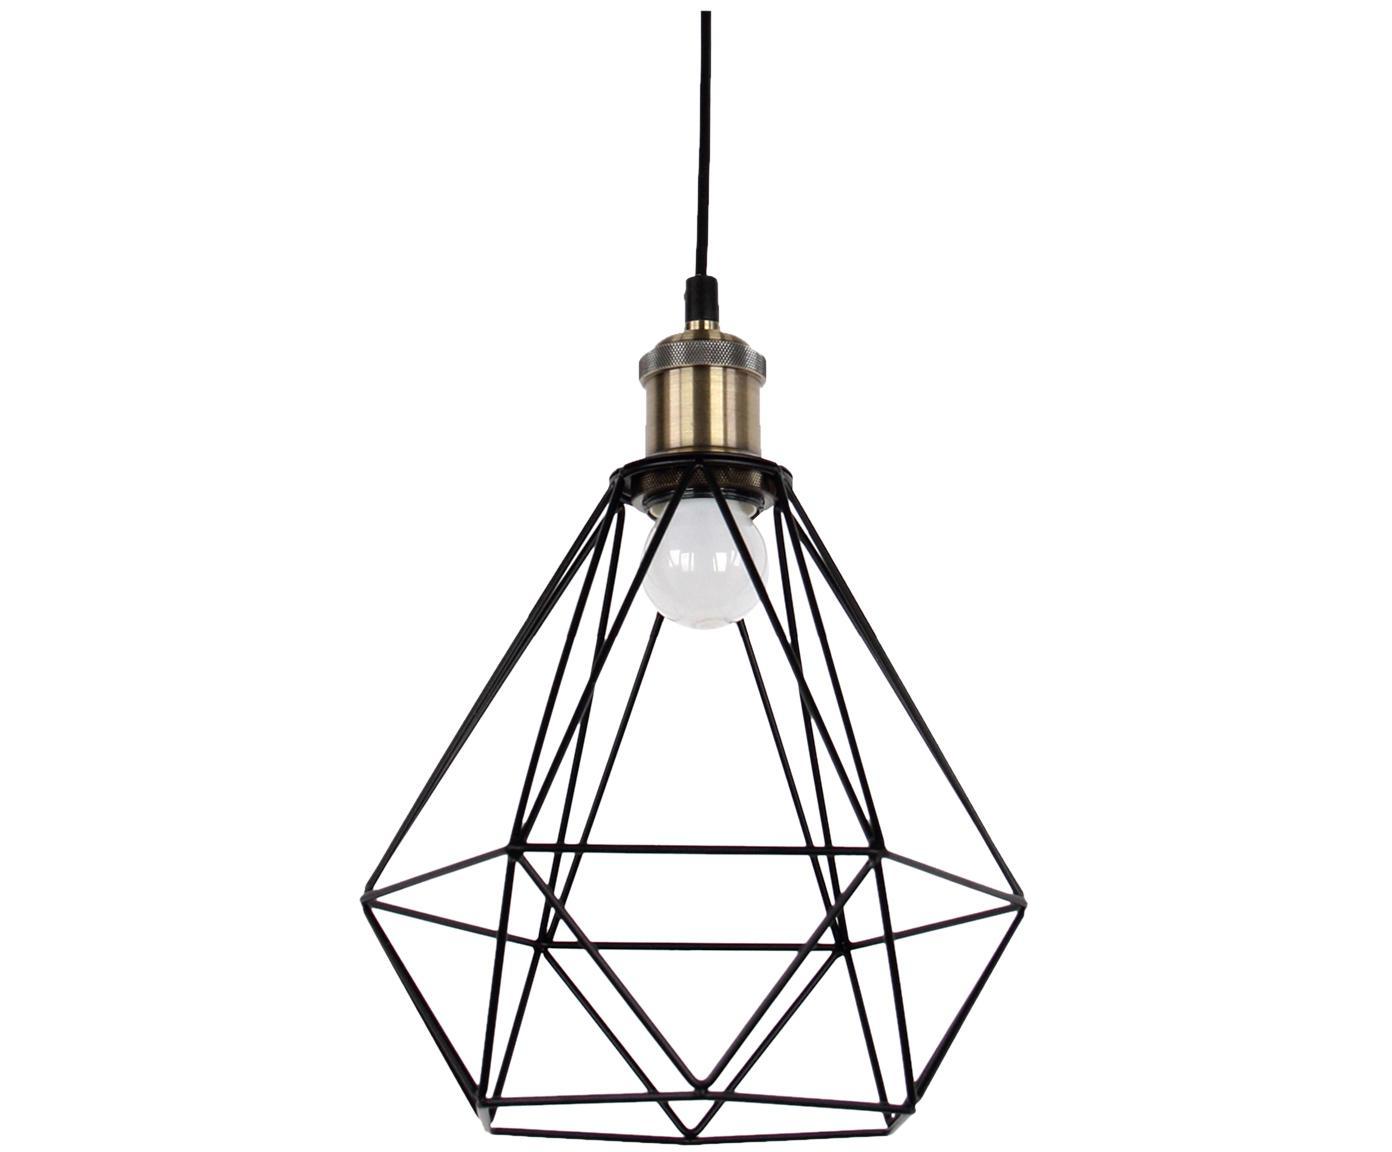 Kleine hanglamp Agnes in zwart, Baldakijn: metaal, Lampenkap: metaal, aluminium, Montuur: zwart, messingkleurig, Lampenkap: zwart, Ø 21 x H 22 cm